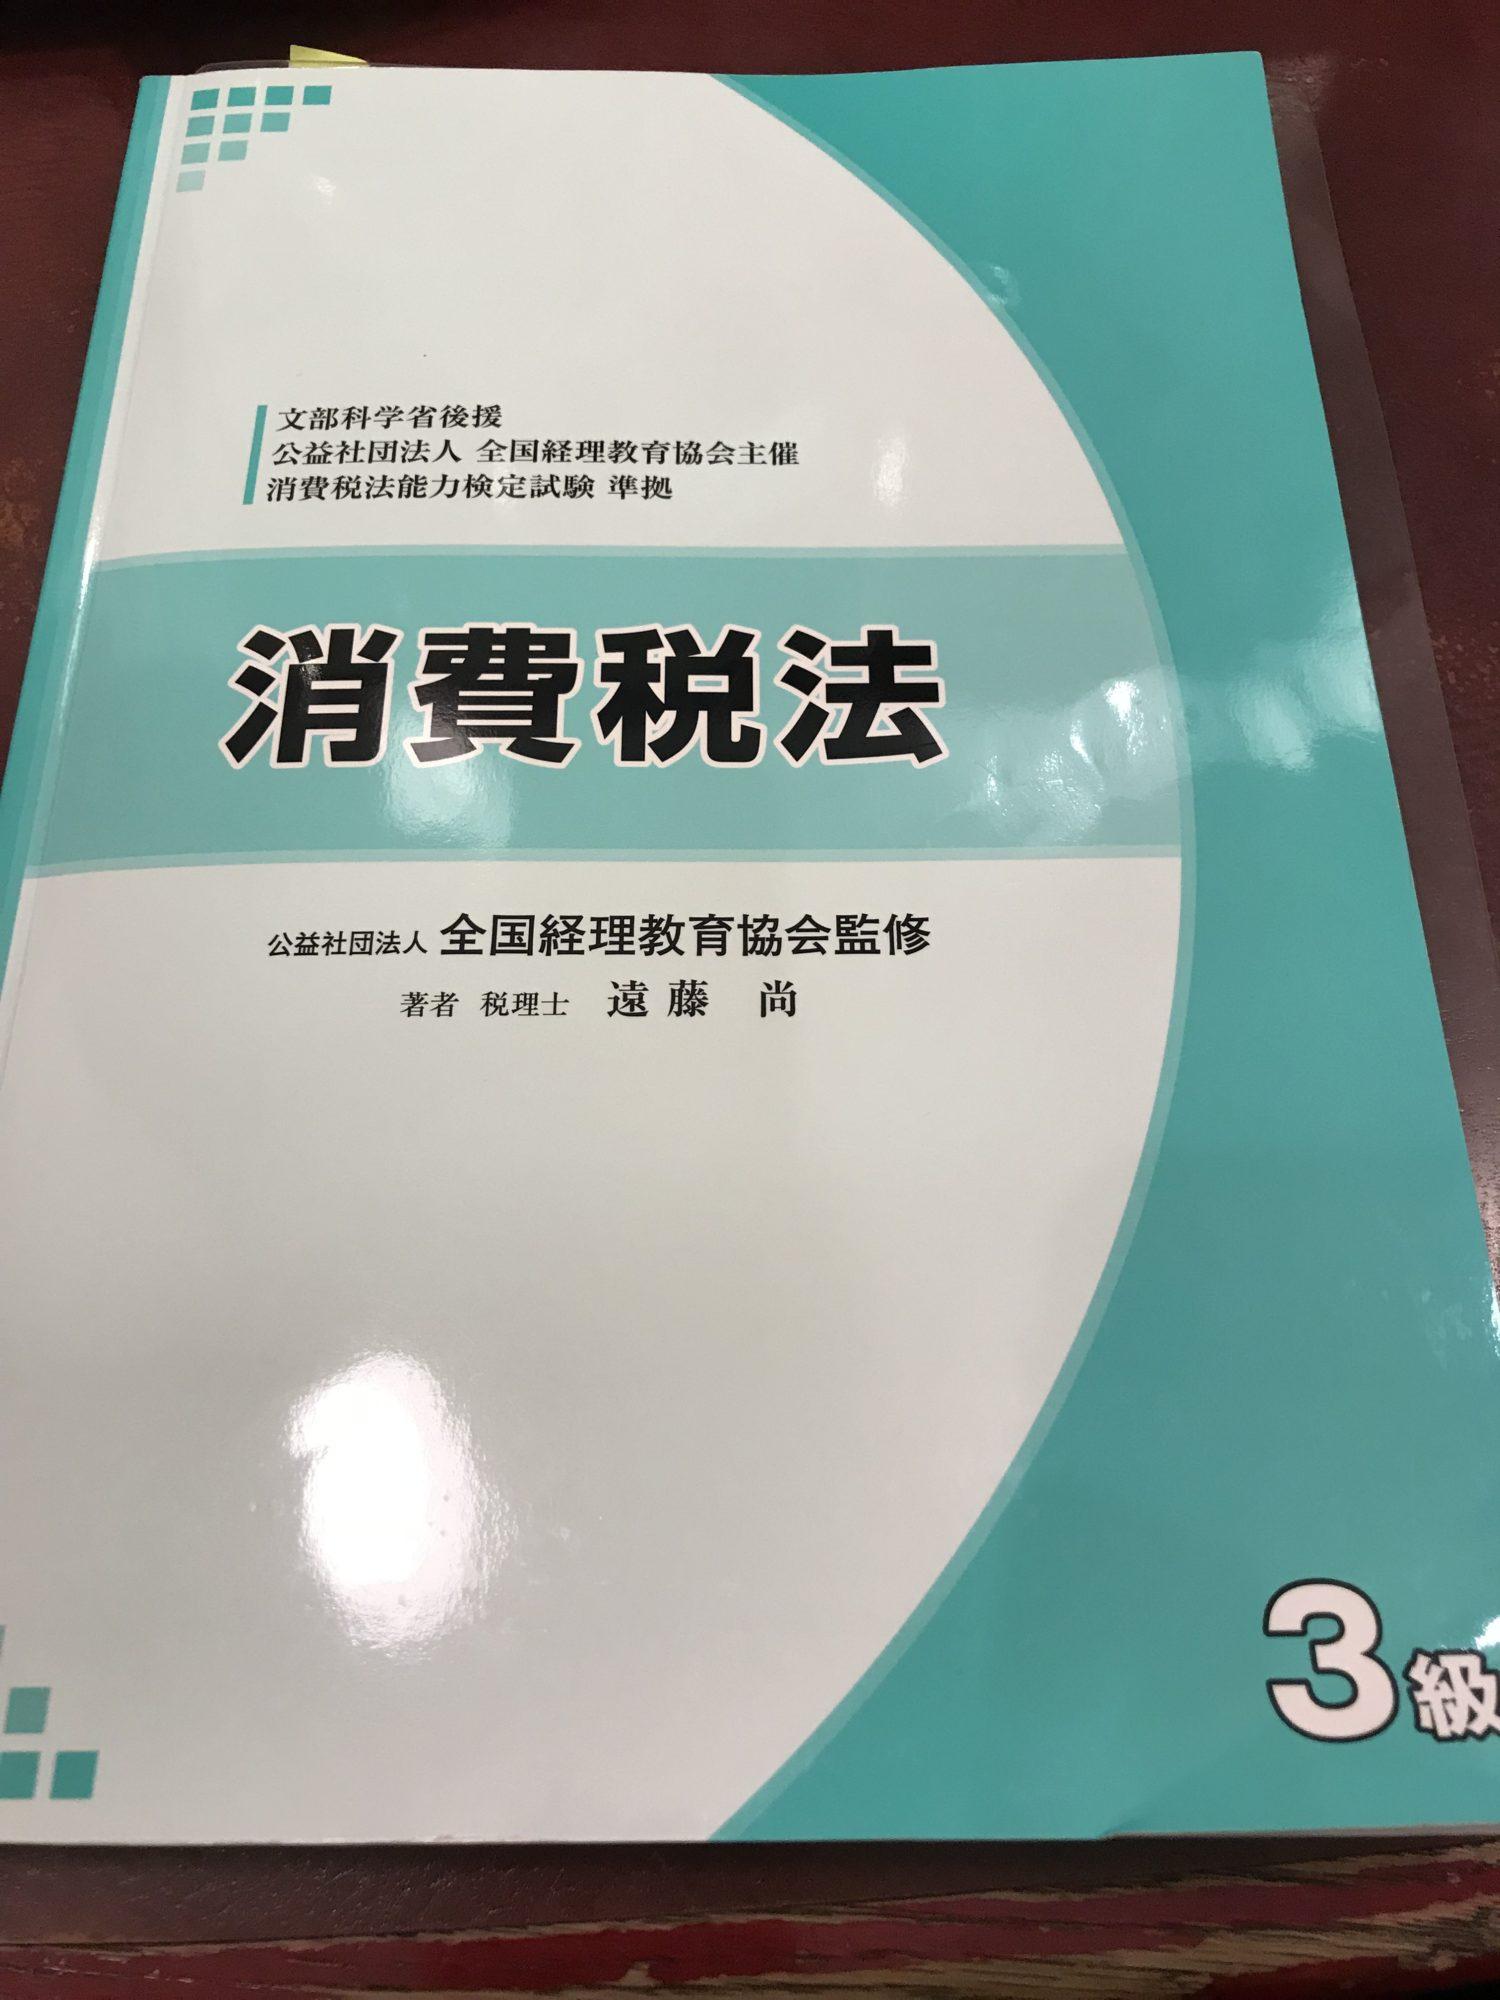 消費税法能力検定の勉強方法とテキスト購入方法